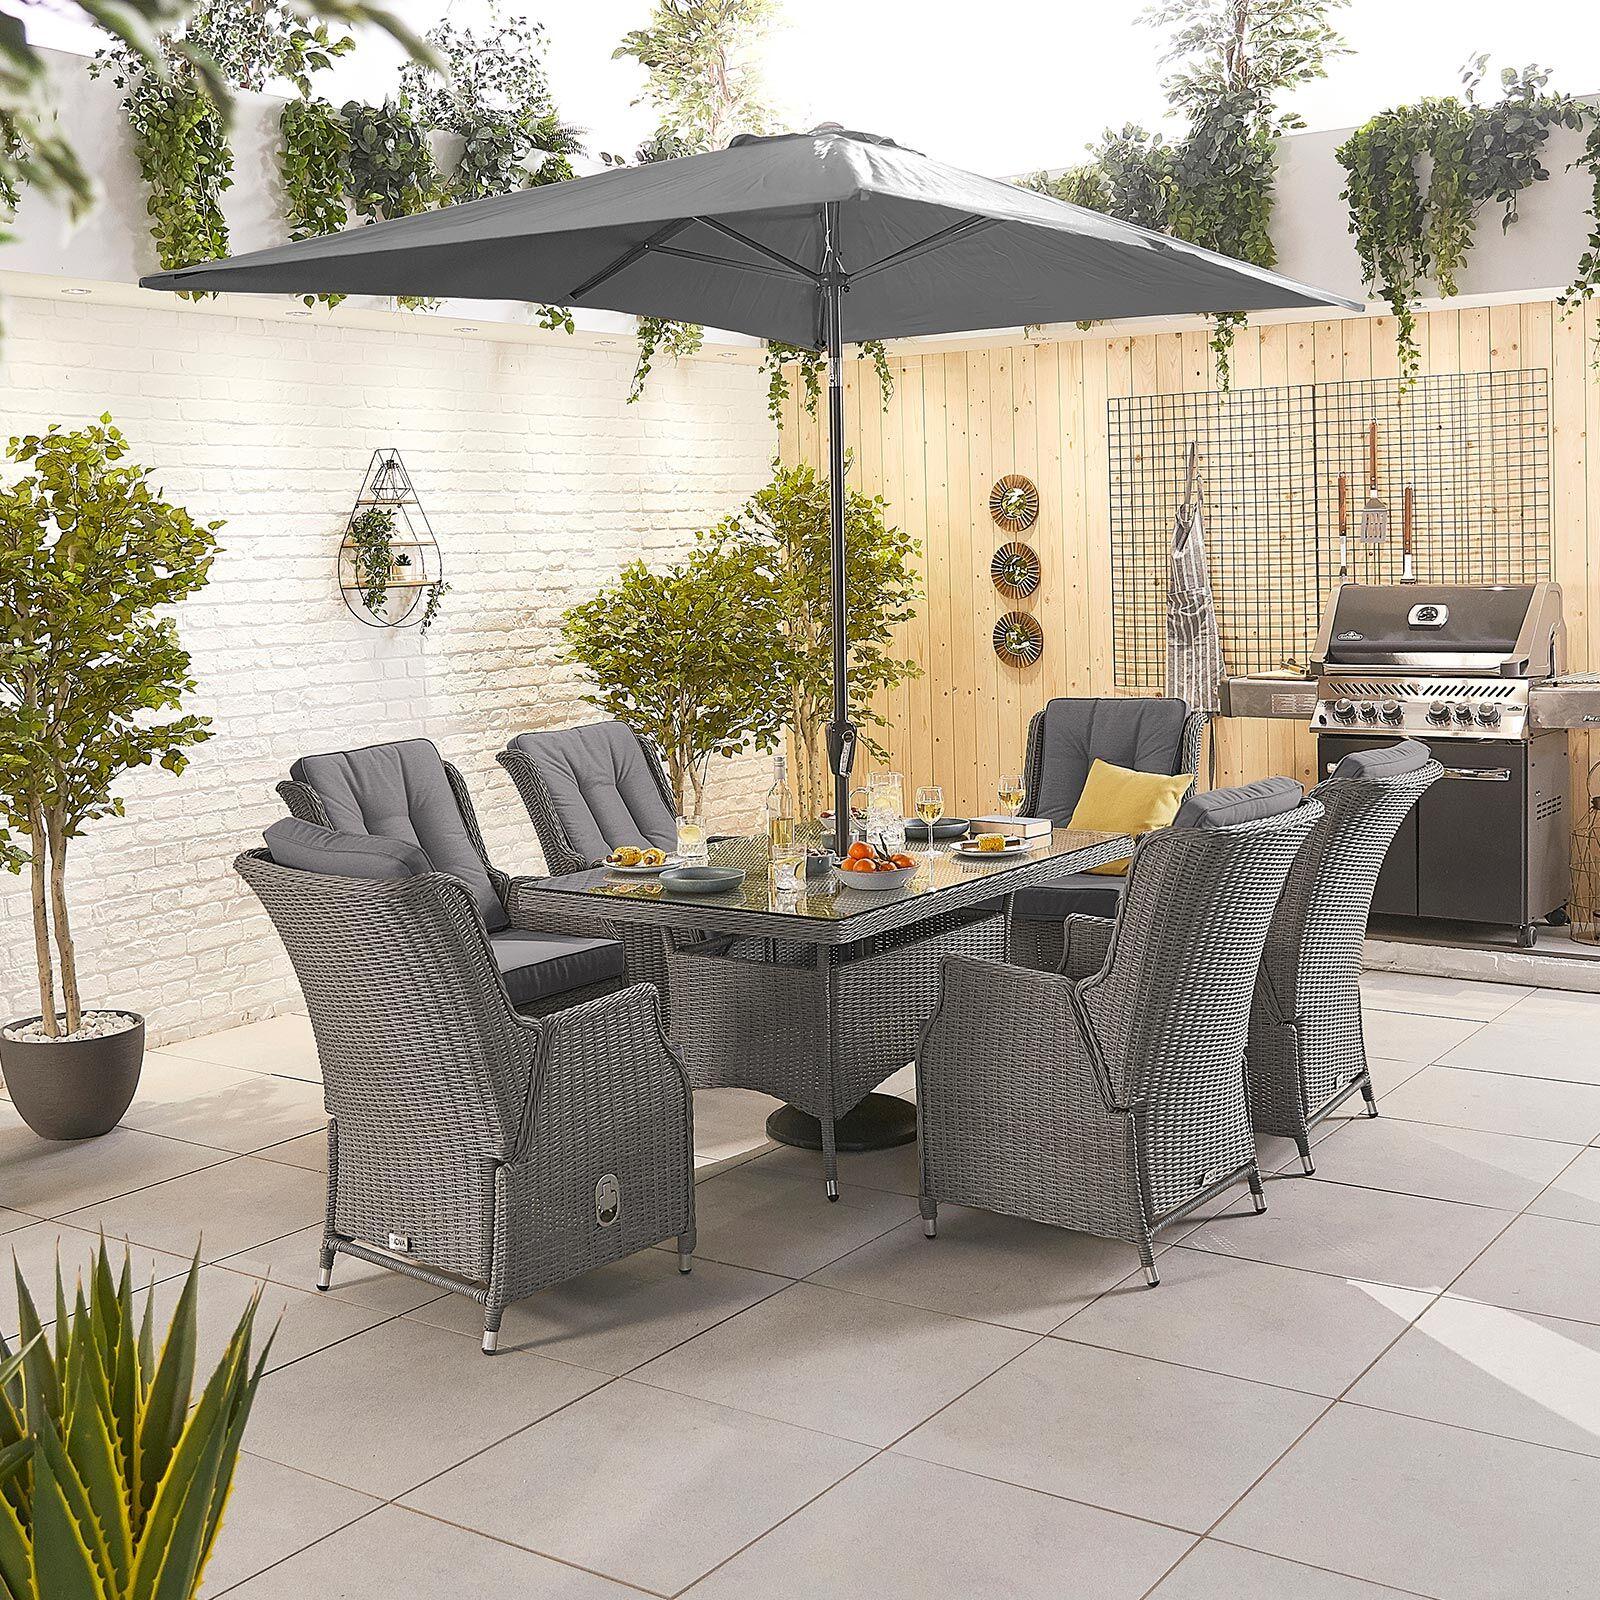 Oakworld Alfresco Heritage Carolina 6 Seat Dining Set   1.5m x 1m Rectangular Table   Slate Grey